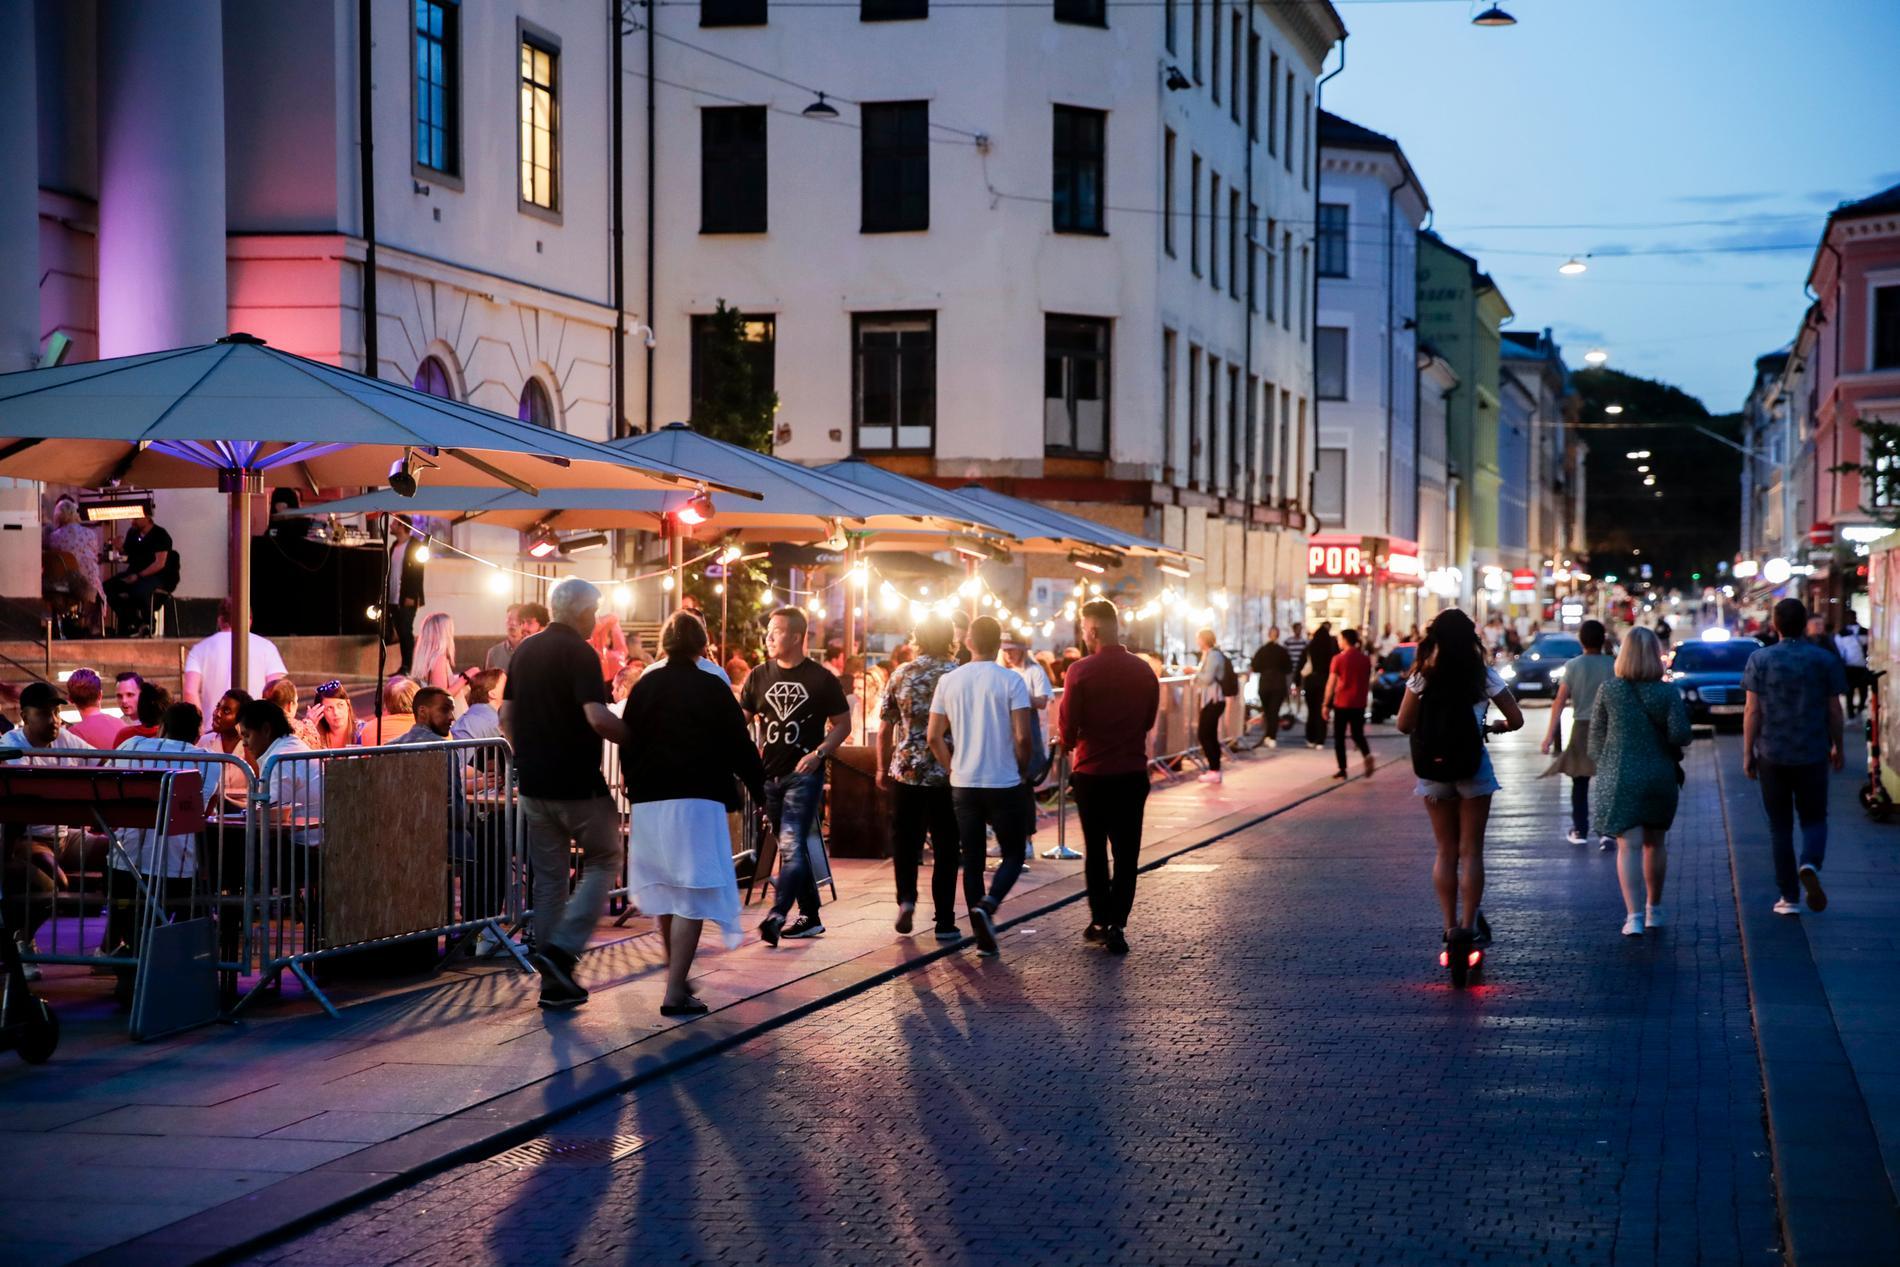 Torggata i Oslo på fredagskvällen, före midnatt. Ingen alkohol tillåts på krogen efter midnatt i Norge.